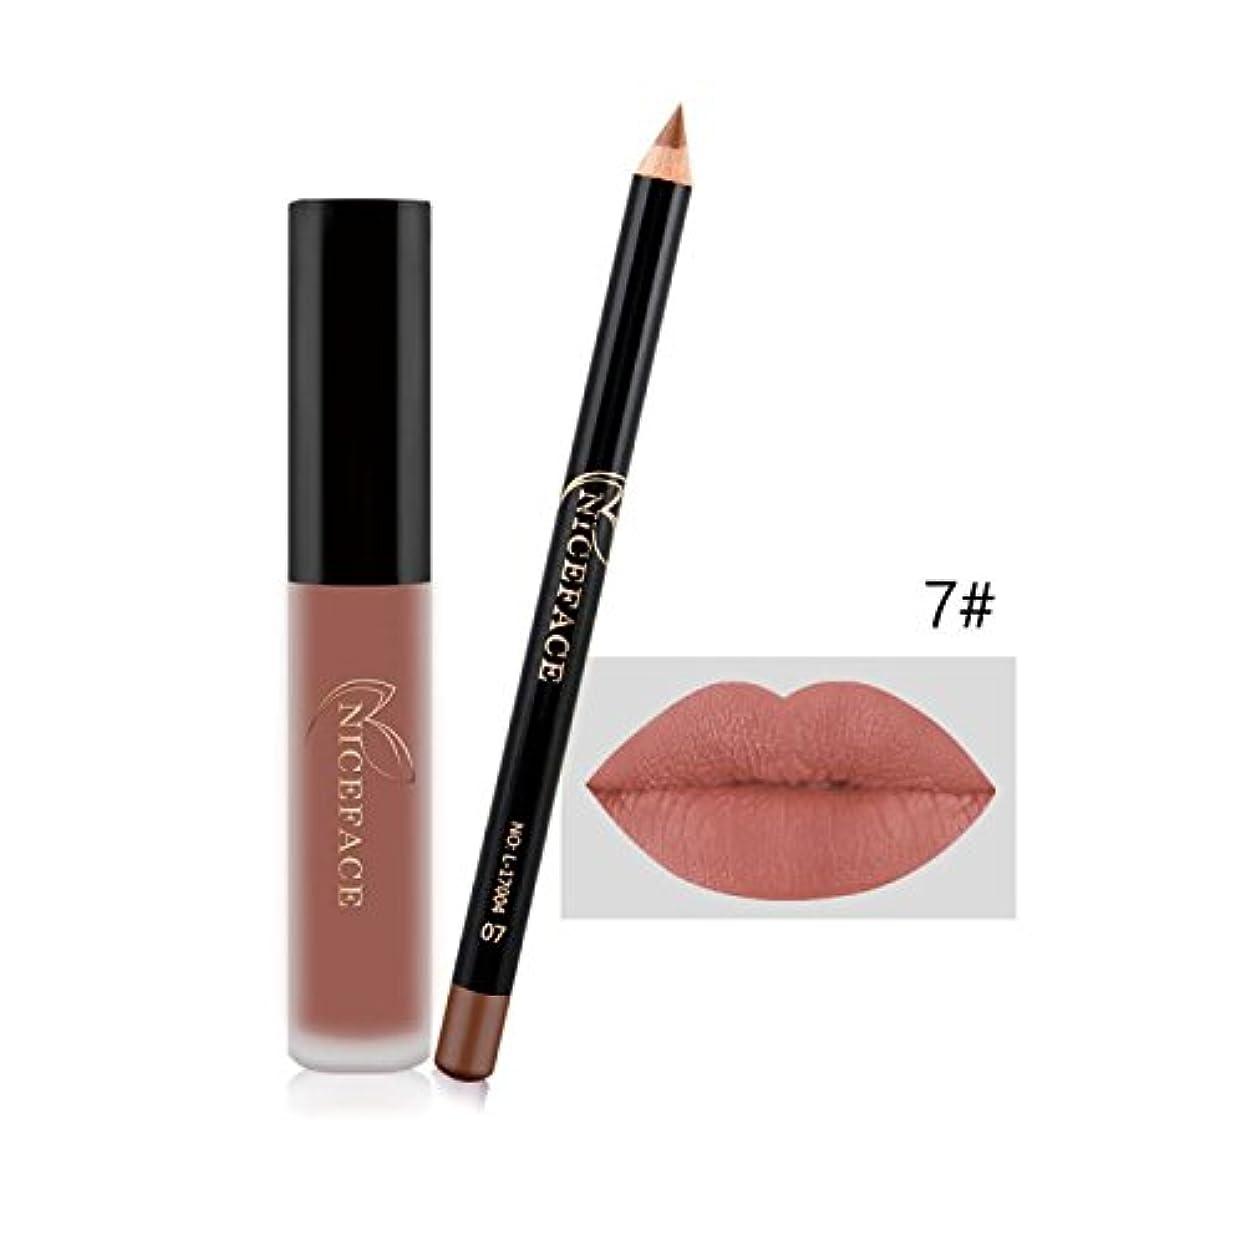 道路を作るプロセス慈悲深いパラシュート(7#) Makeup Set Lip Gloss + Lip Liner Set Lip Set Matte Lipstick Long Lasting Waterproof Solid Lip Pencil Liner...